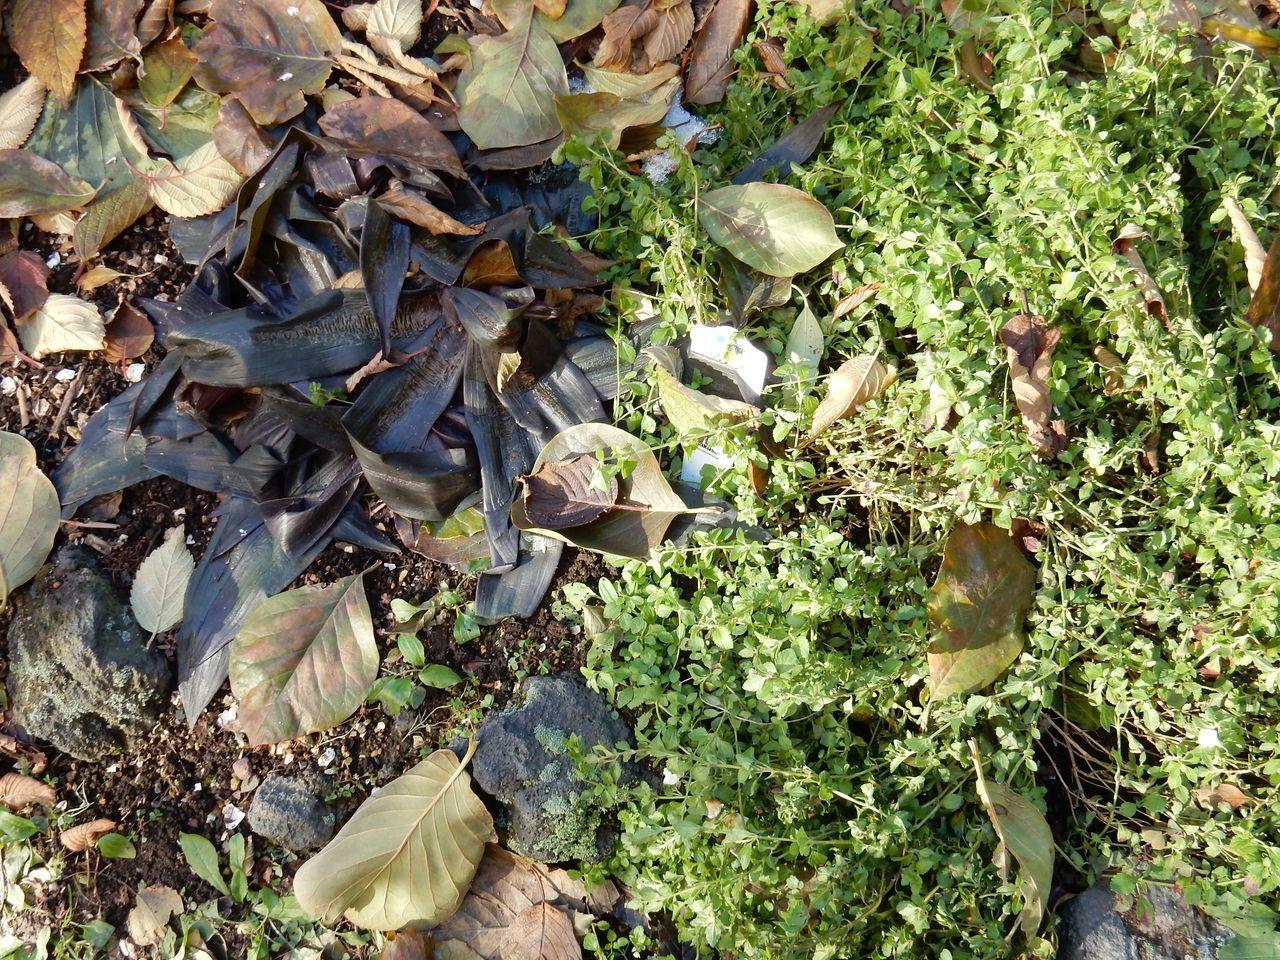 雪がなくなると、下からしおれた植物が顔を出した_c0025115_21514354.jpg